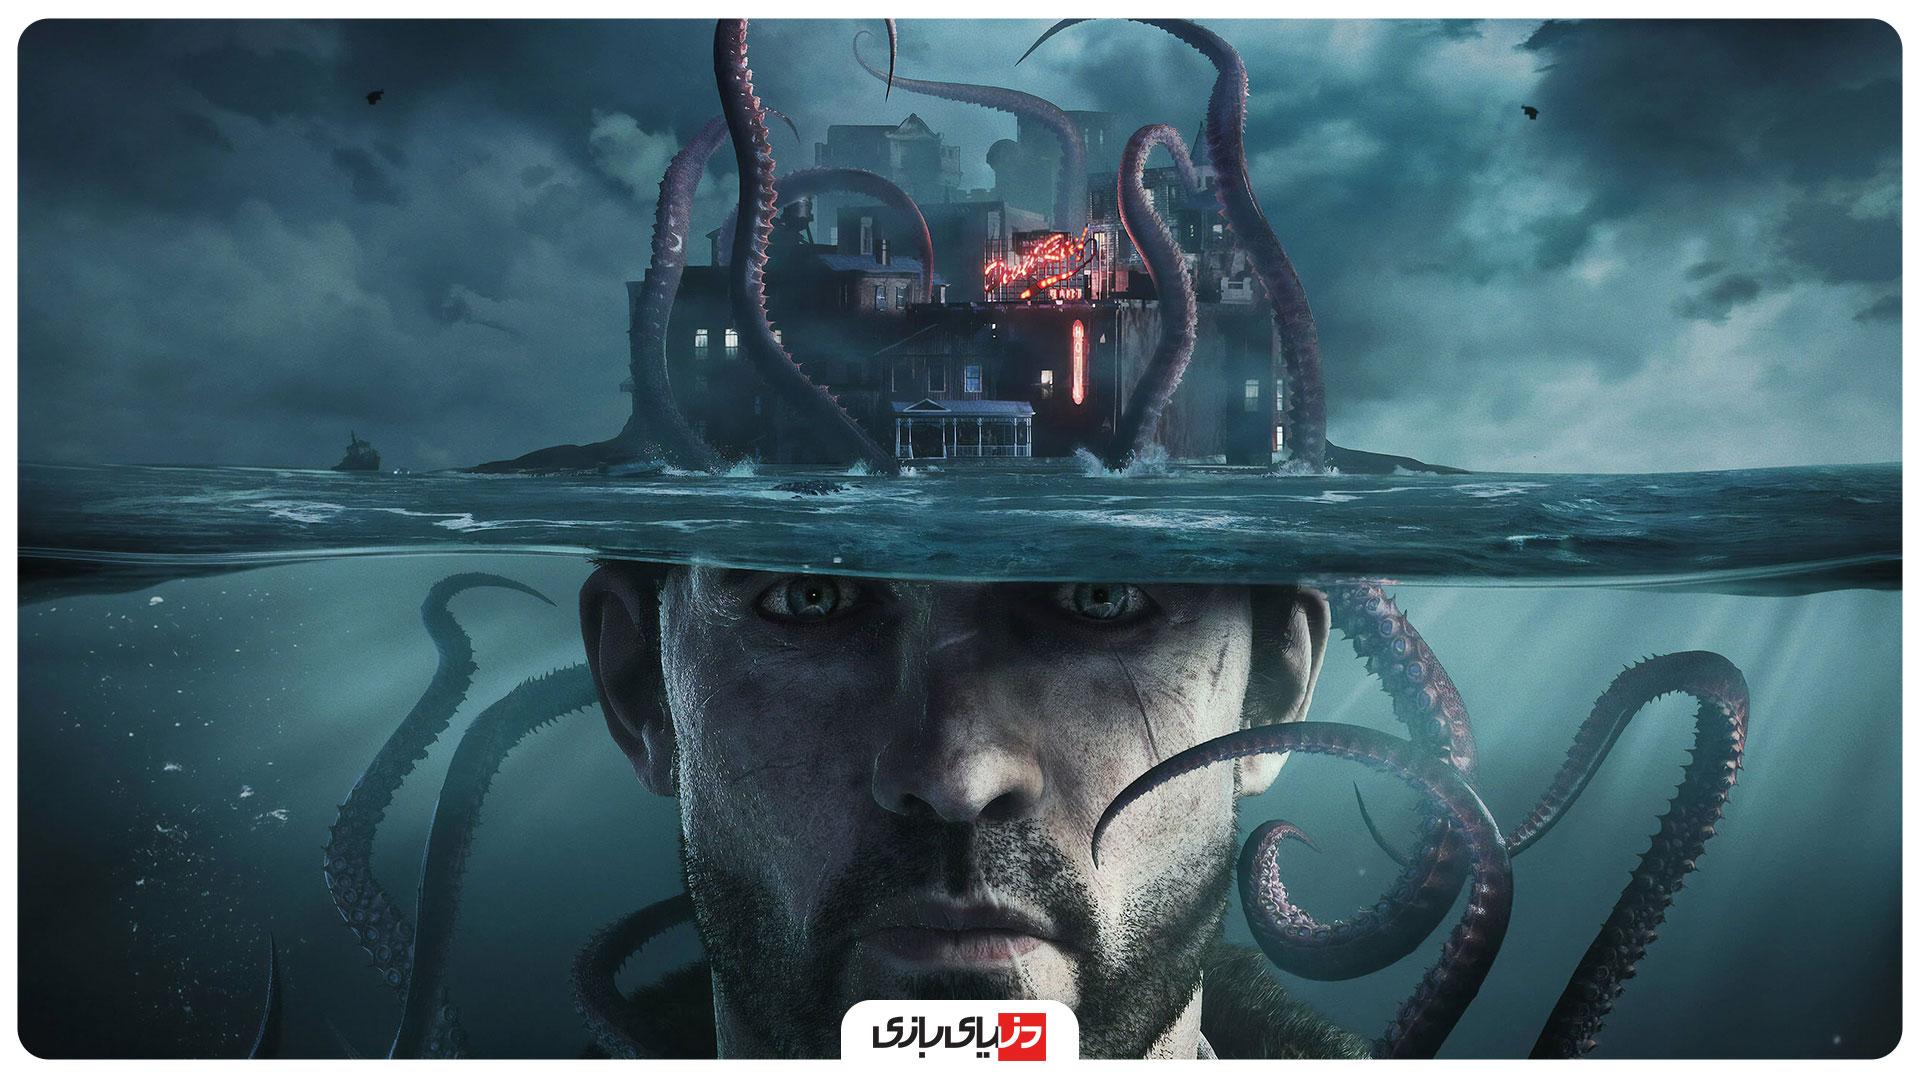 ترسناک ترین بازی جهان برای پلی استیشن 4